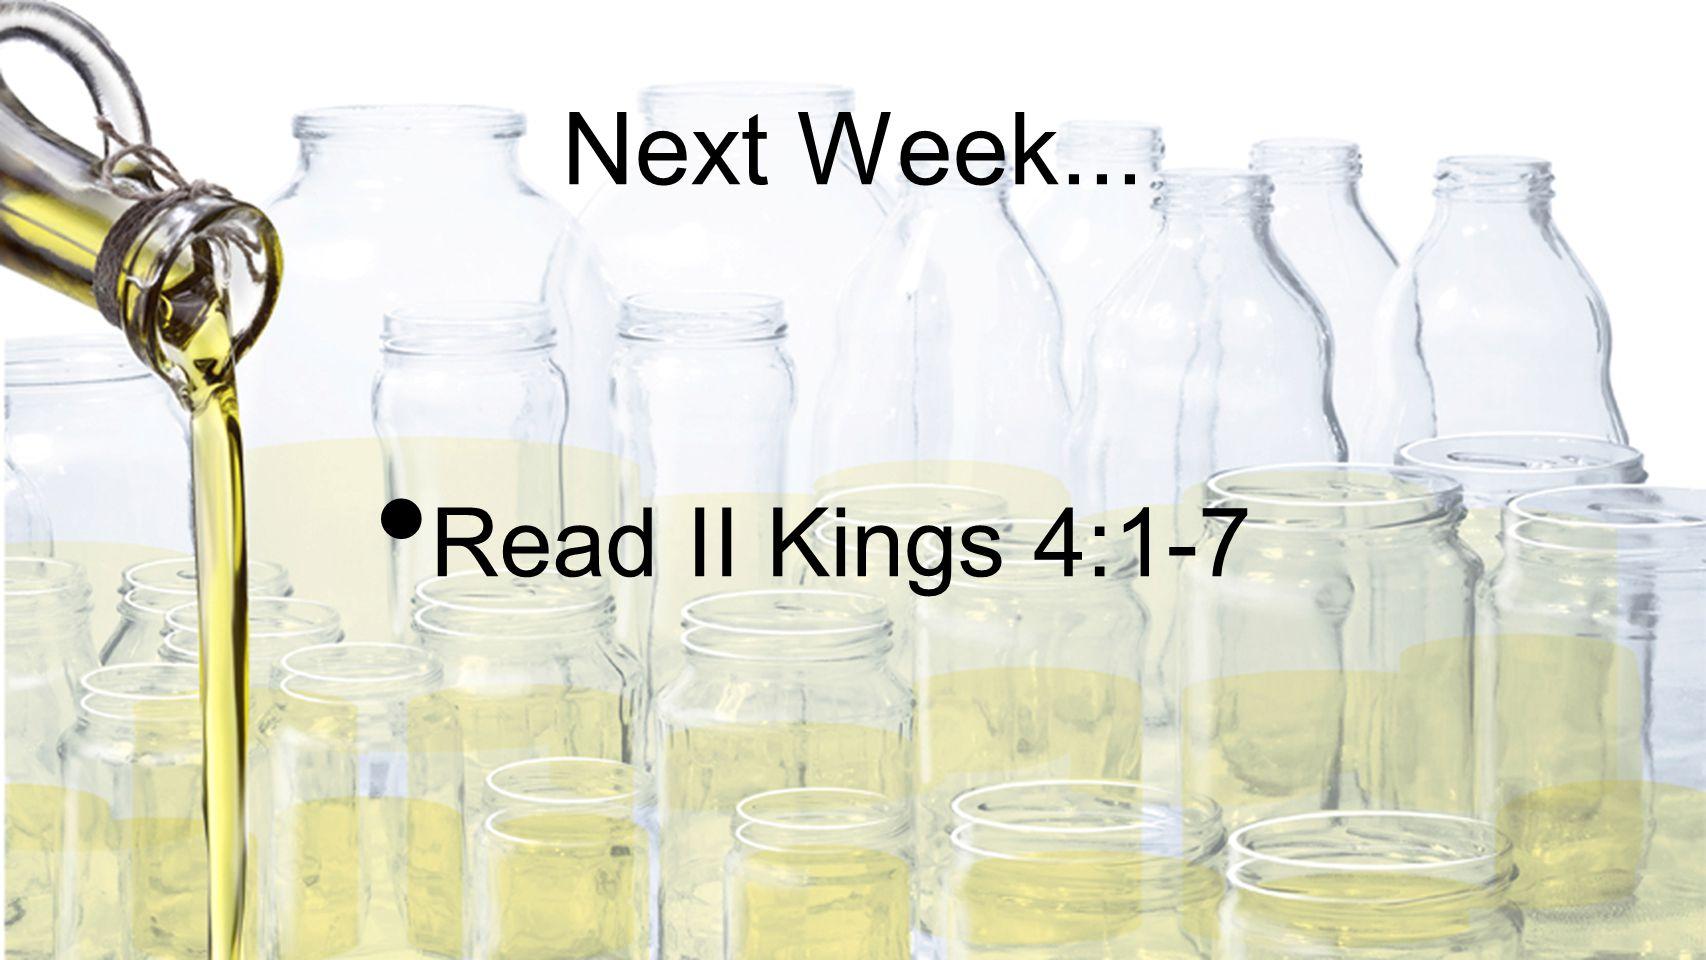 Next Week... Read II Kings 4:1-7